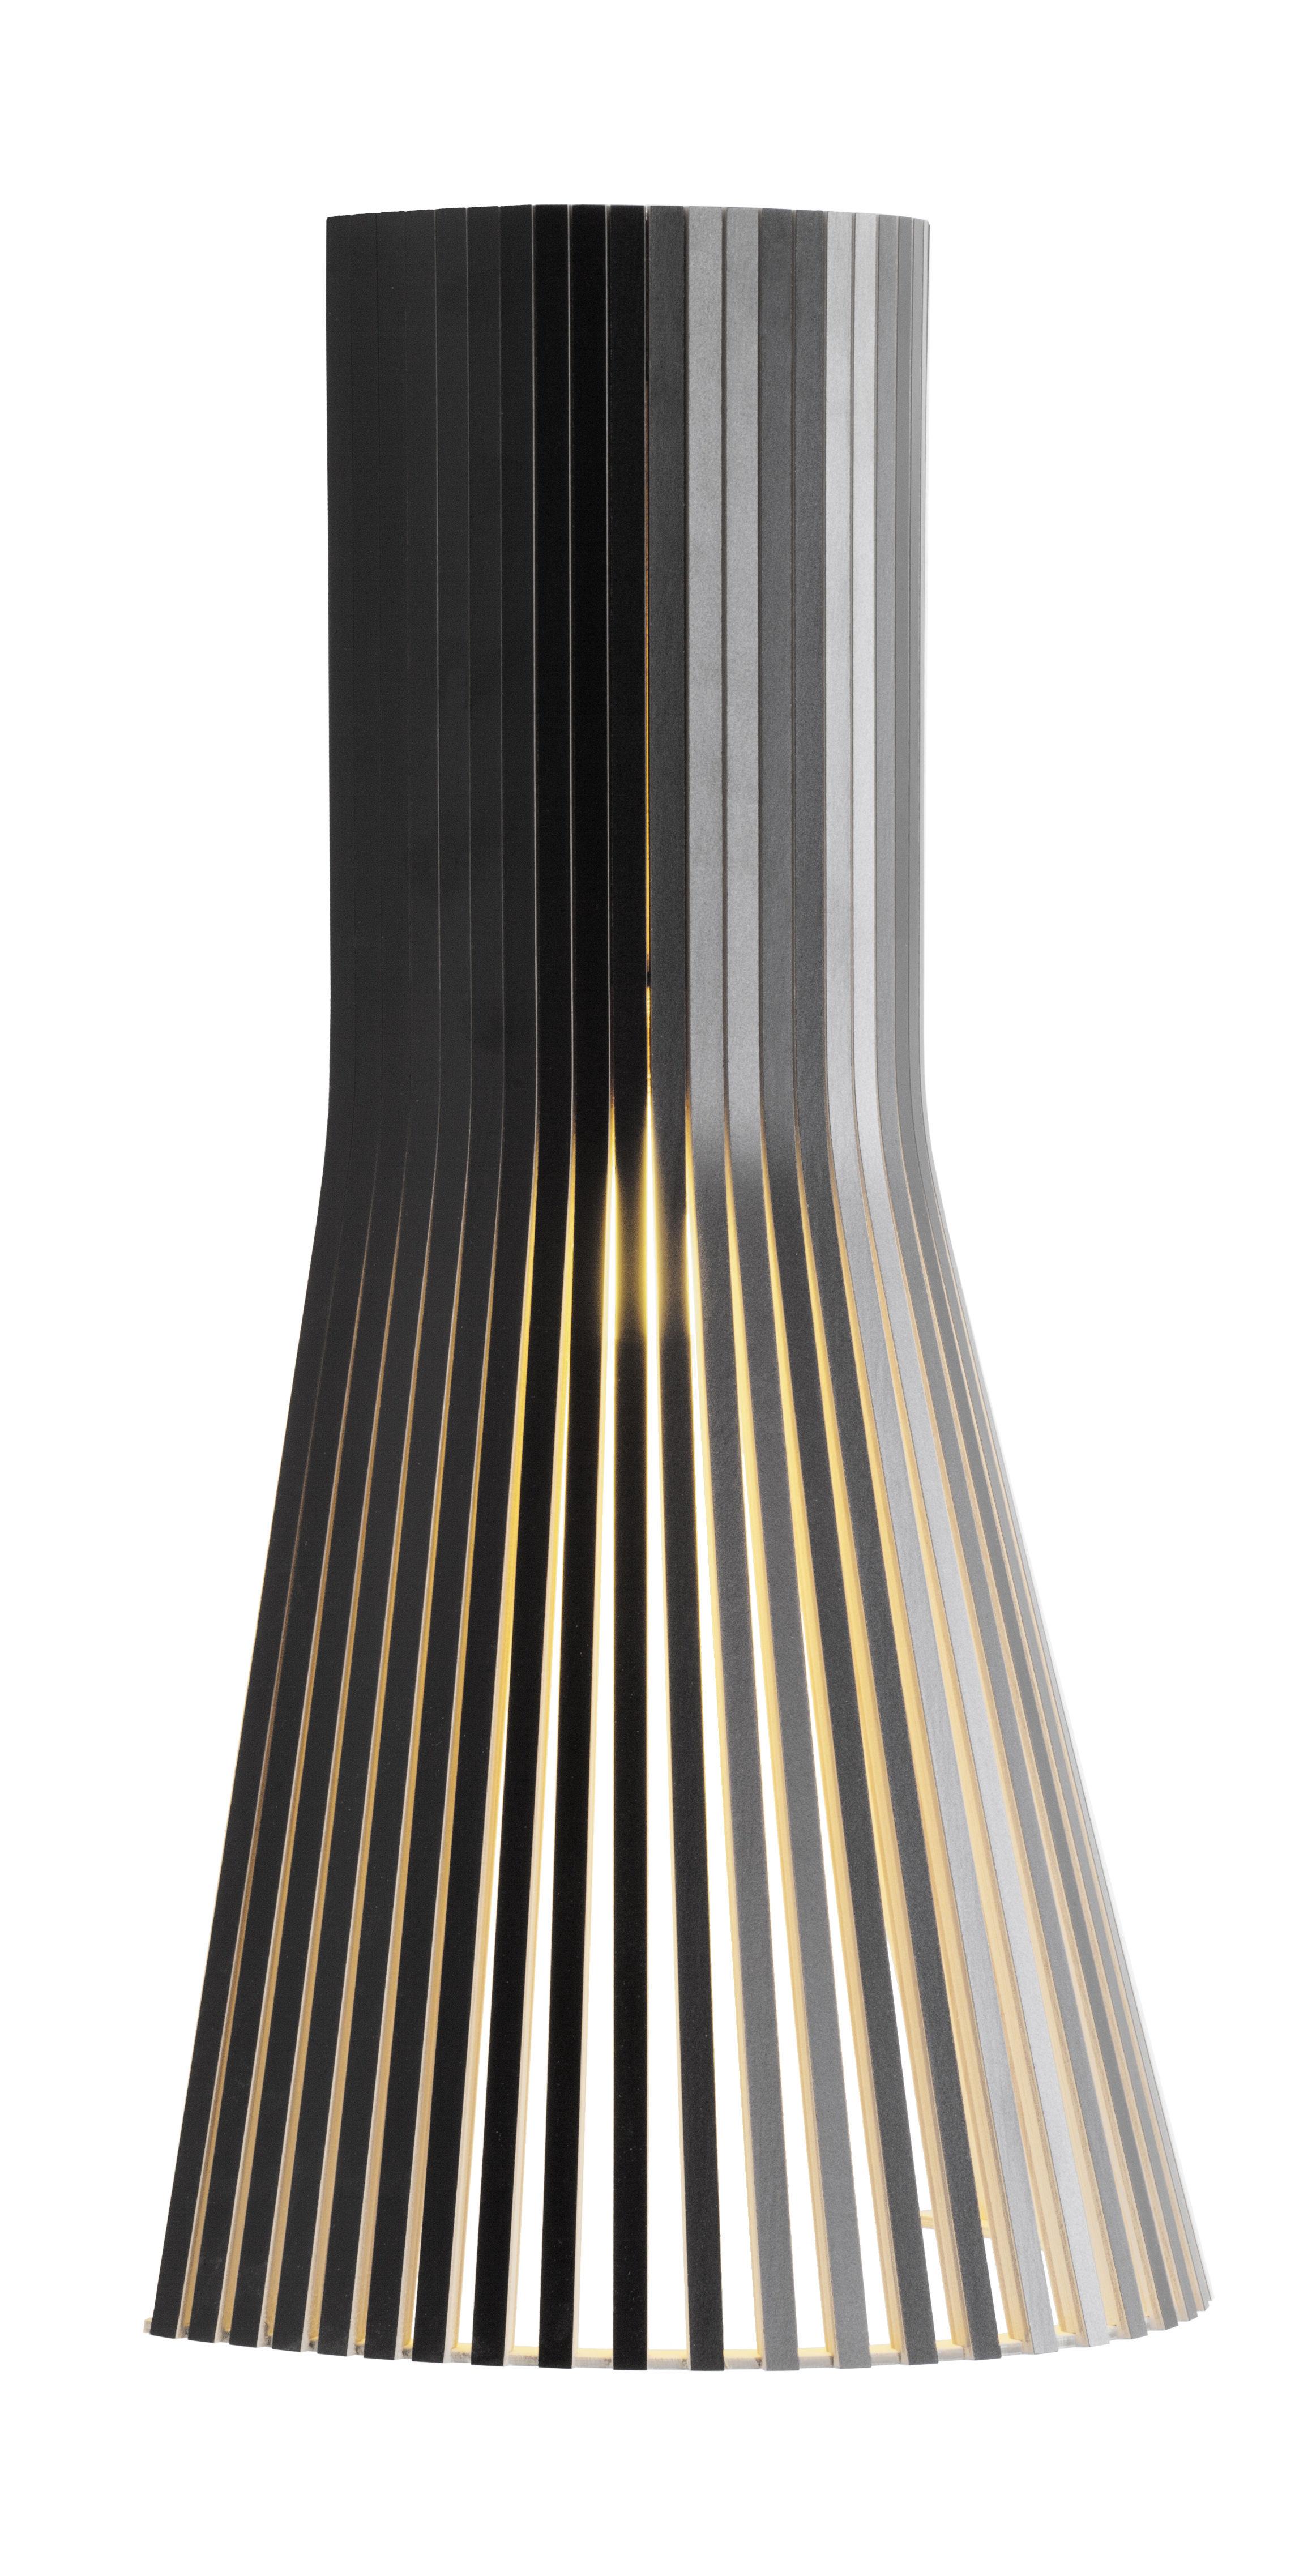 Illuminazione - Lampade da parete - Applique con presa Secto S - / H 45 cm di Secto Design - Nero / Cavo nero - Lattes de laminé de bouleau